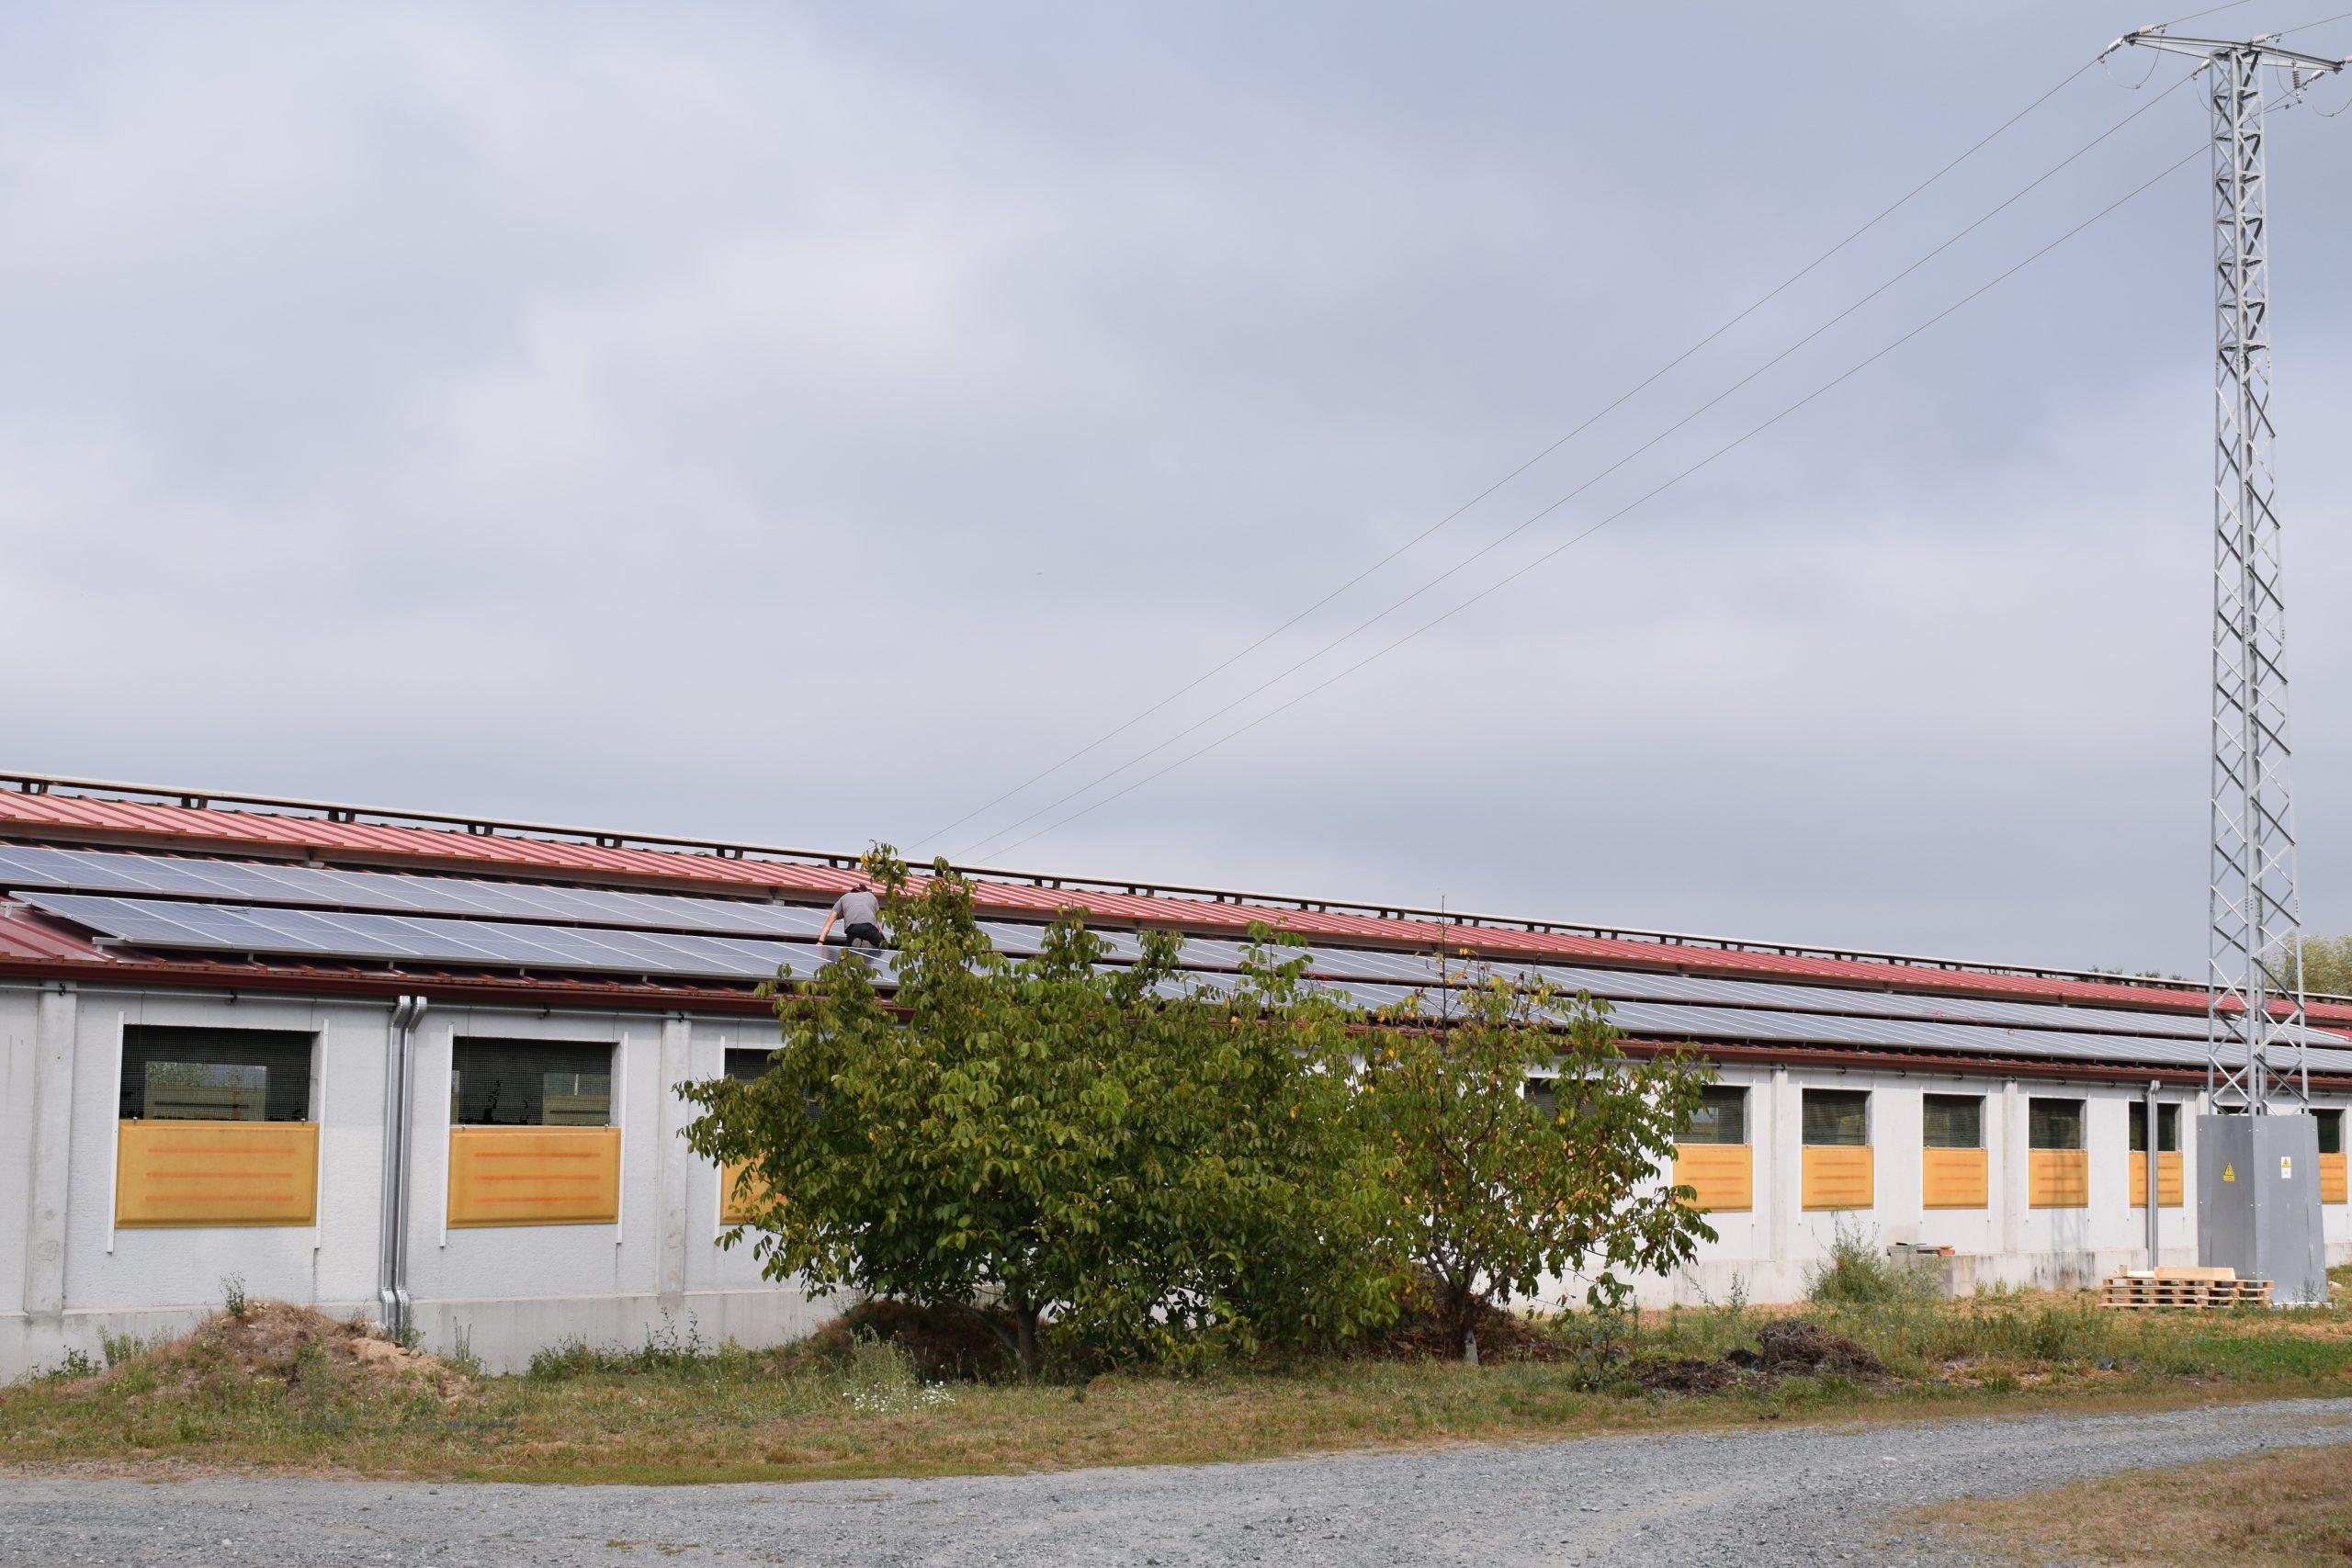 fotovoltaica en granja de galicia